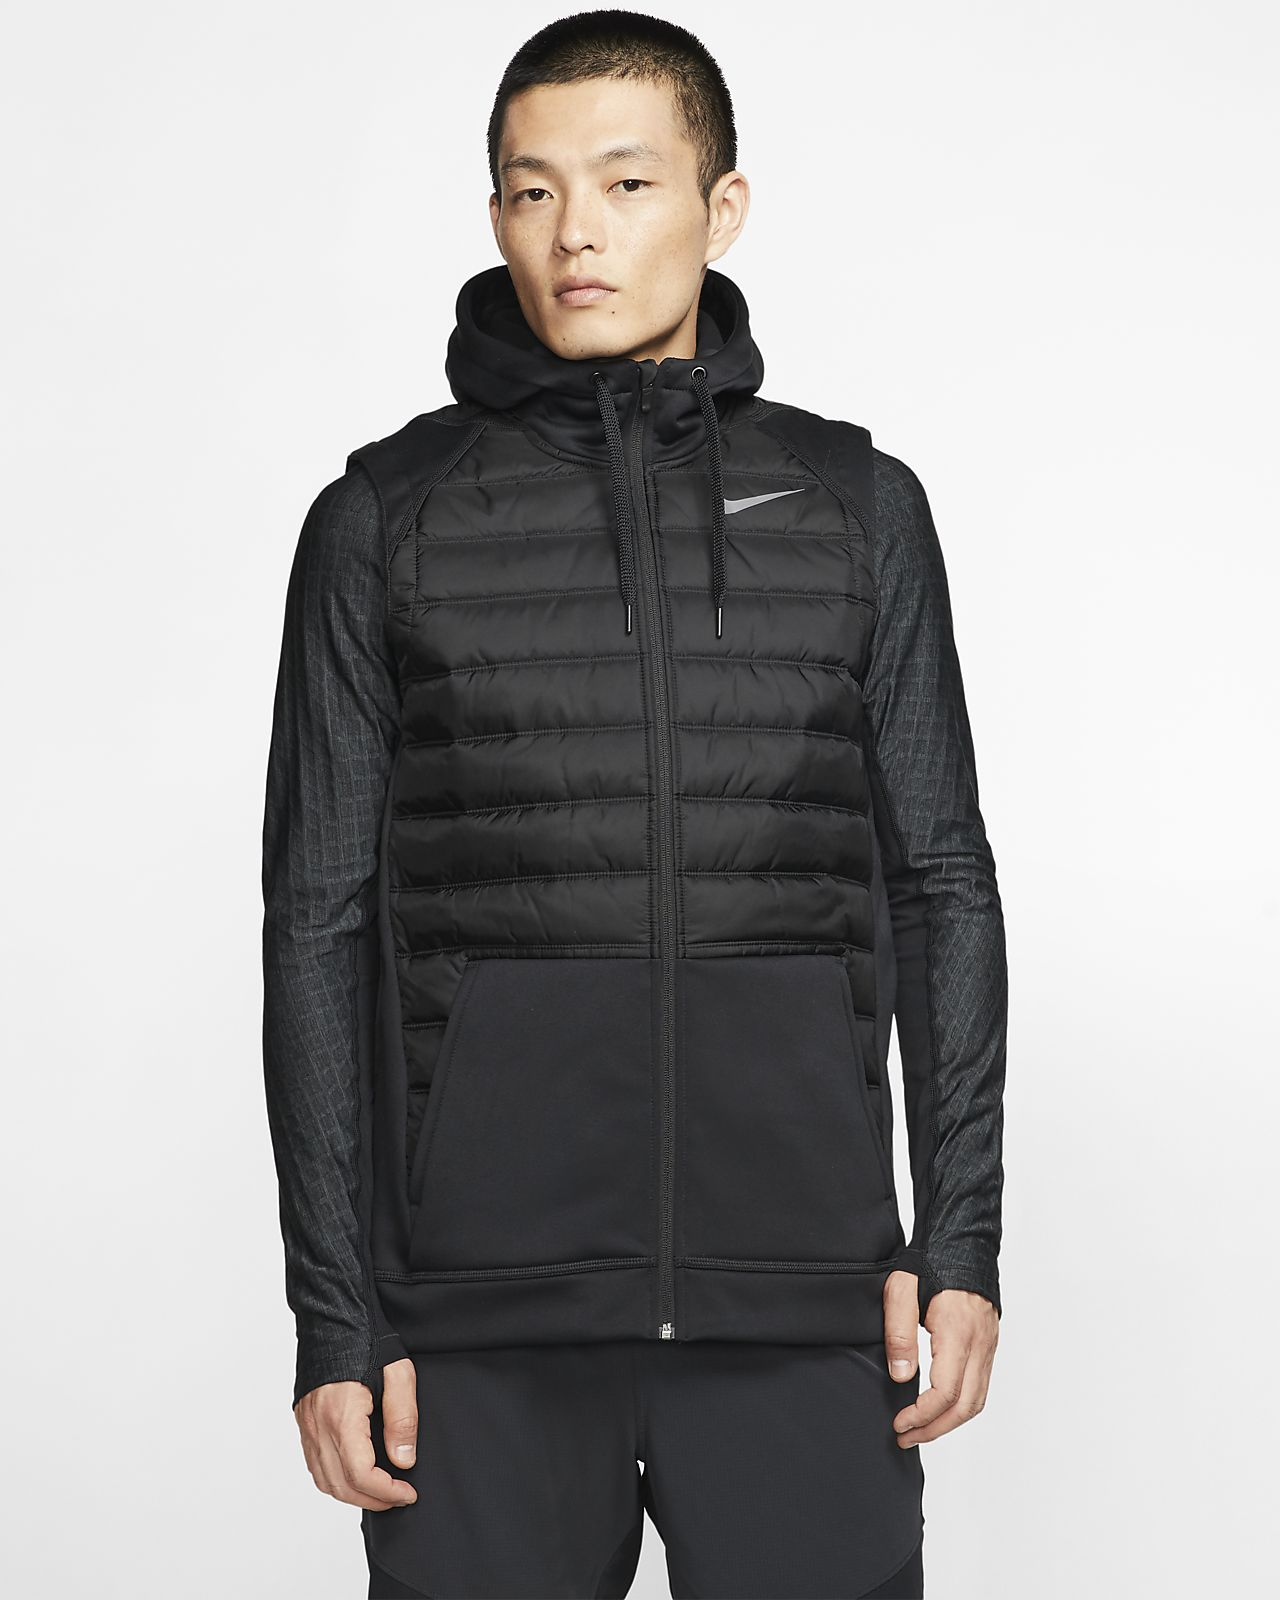 Veste sans manches de training à zip pour l'hiver Nike Therma pour Homme